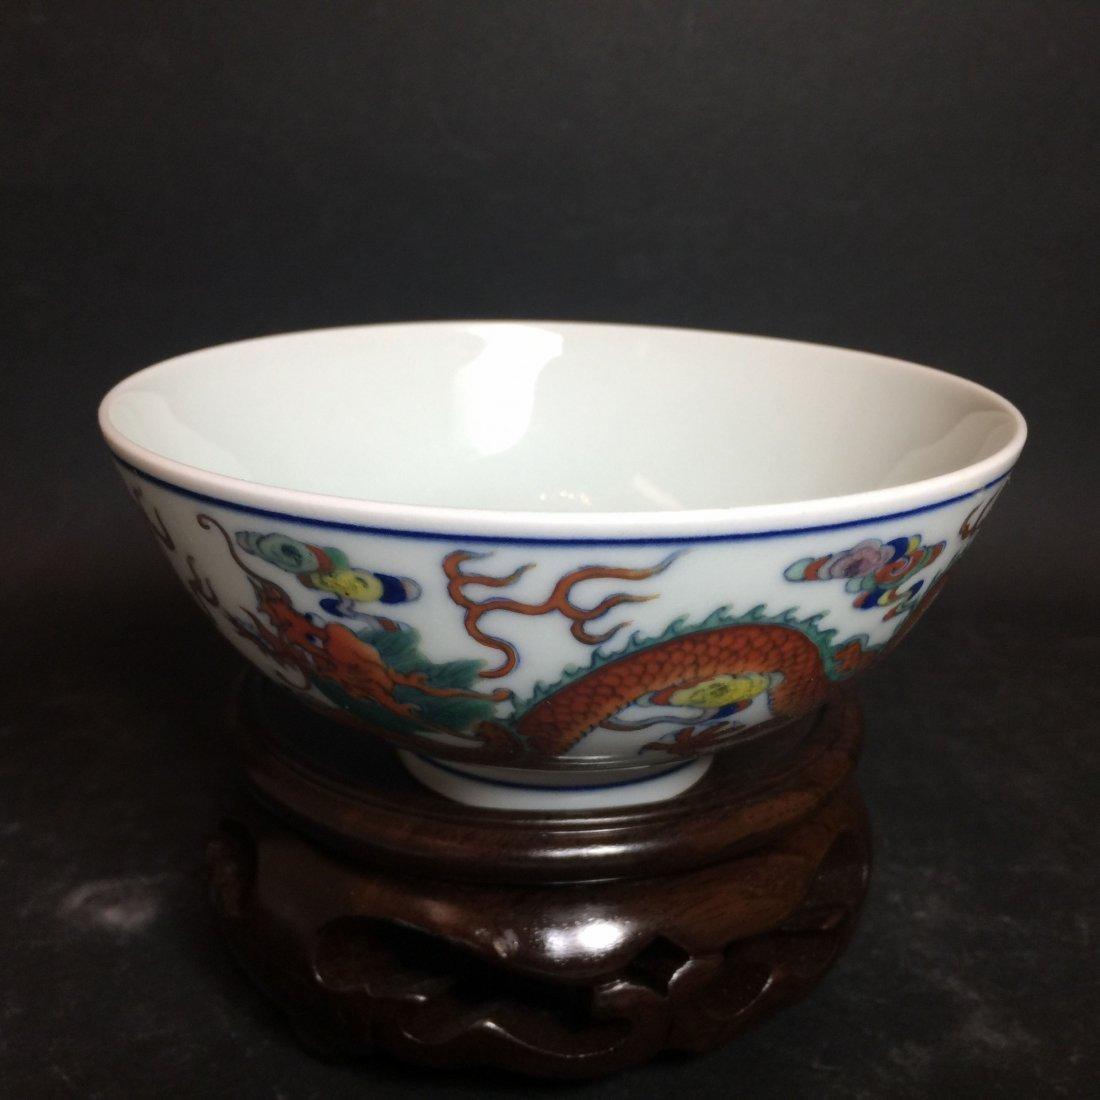 A Chinese White Porcelain Dragon Bowl